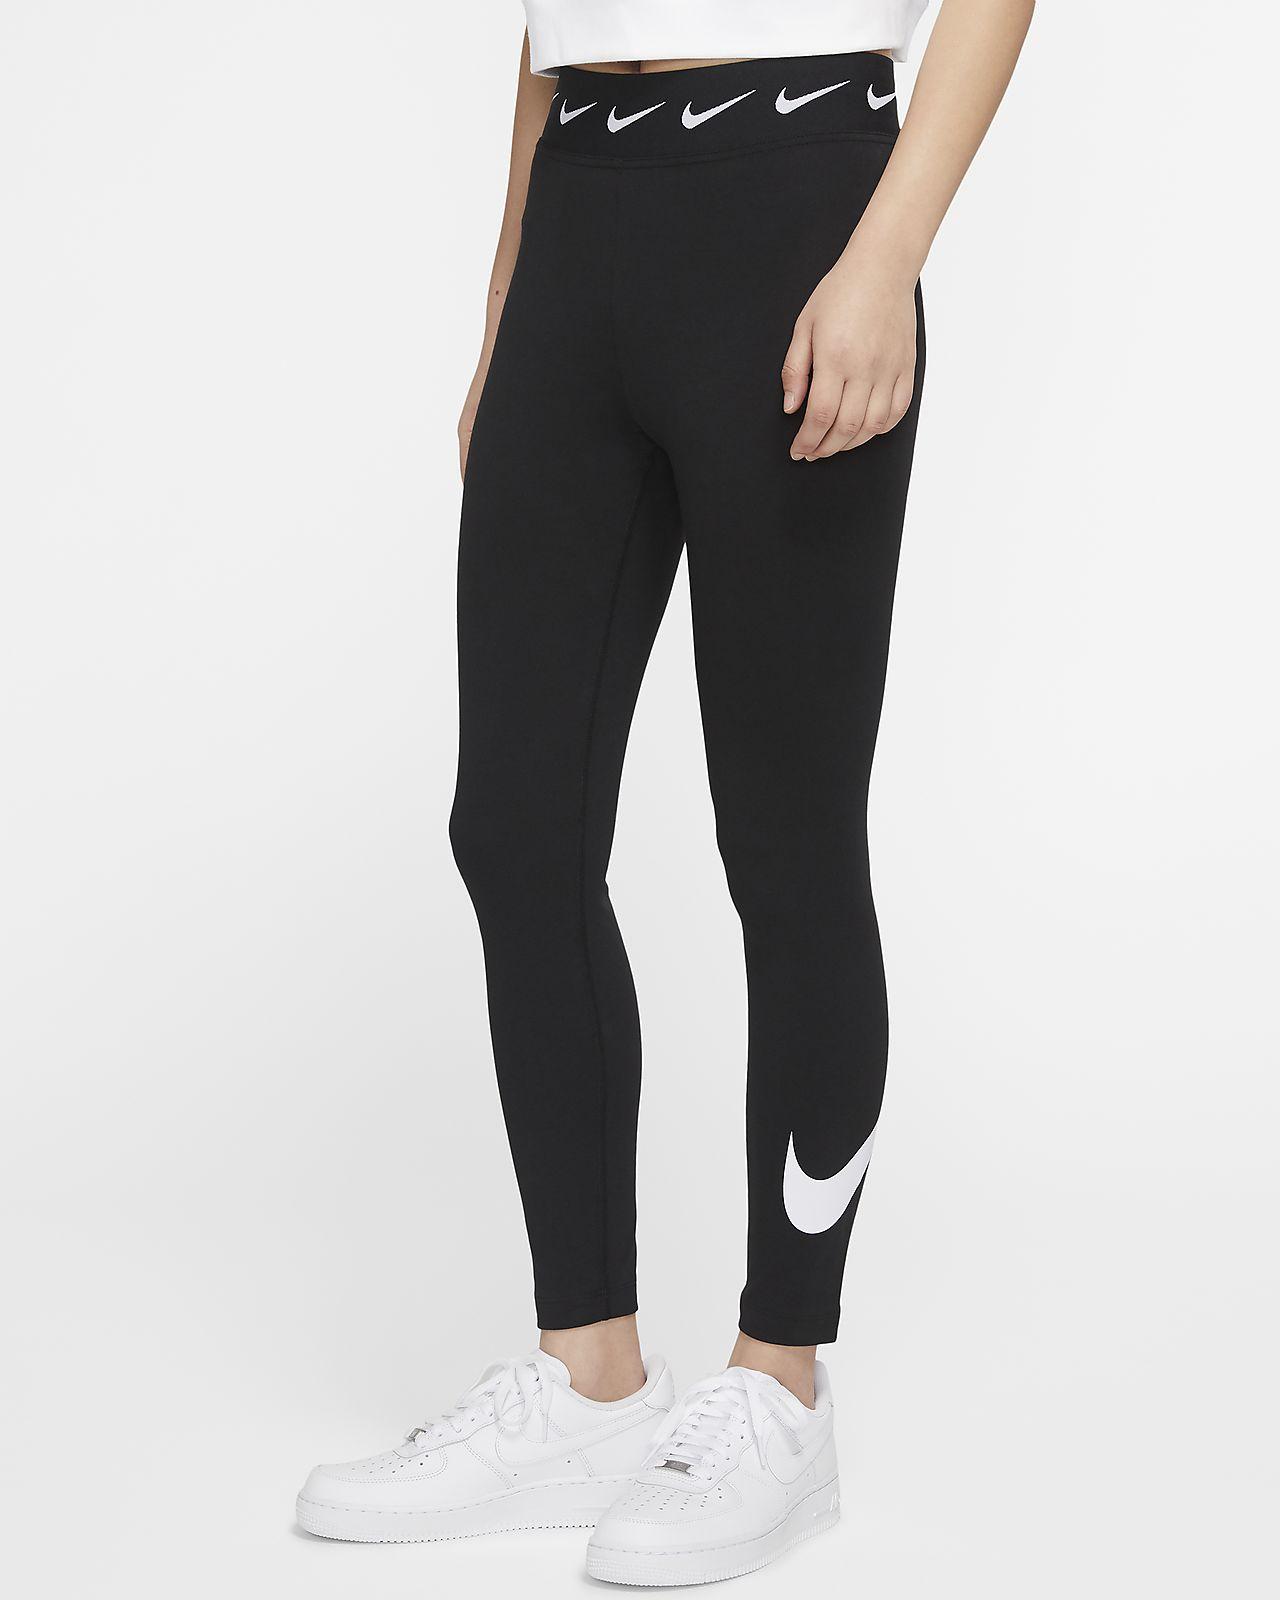 เลกกิ้งเอวสูงผู้หญิง Nike Sportswear Club